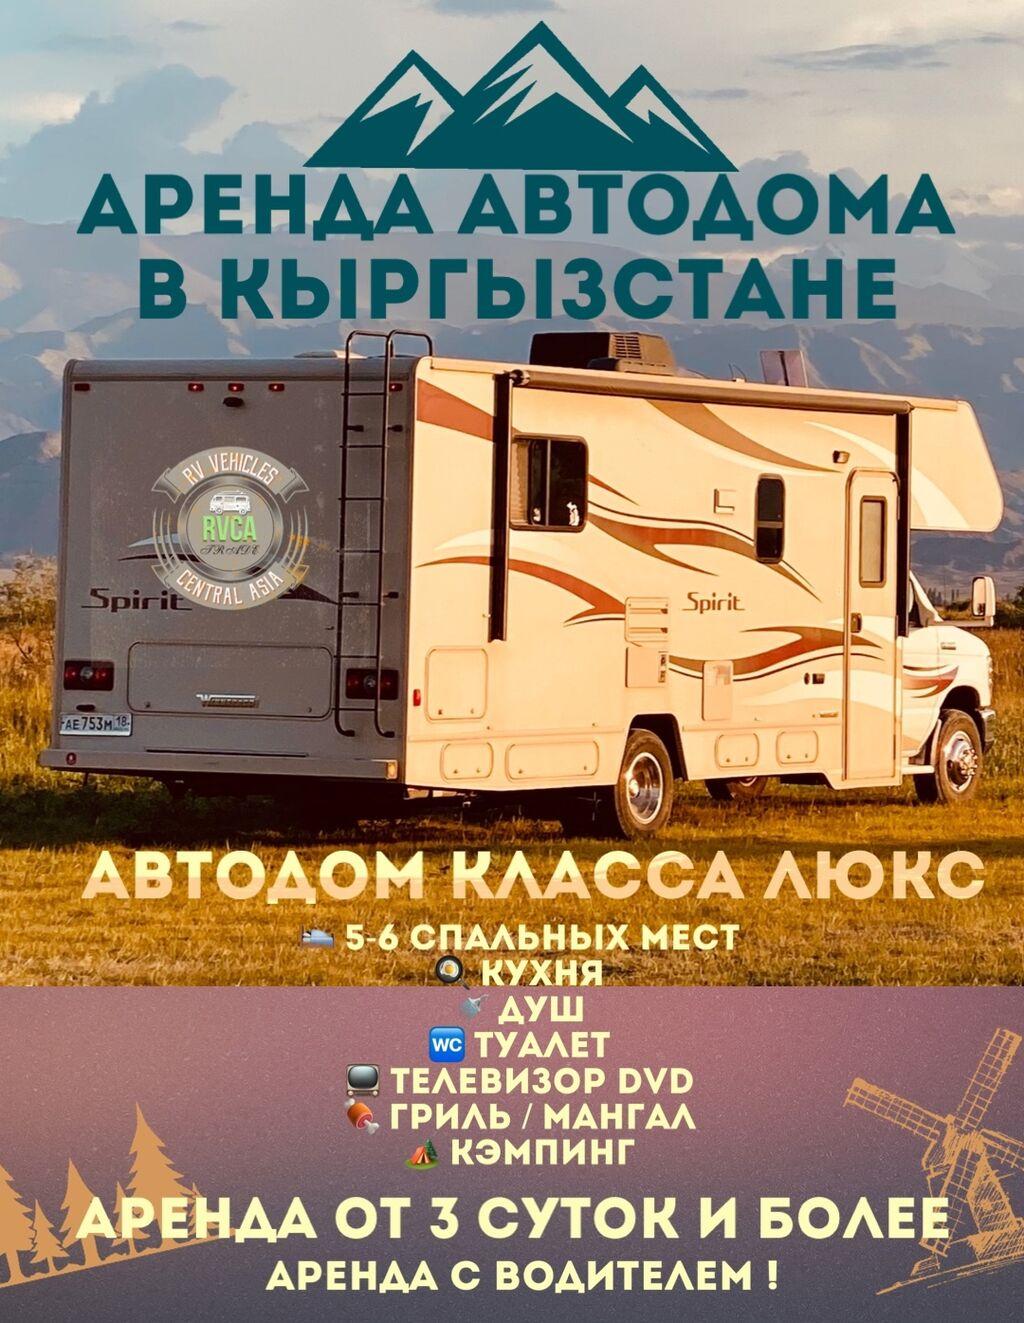 Аренда Автодома: Аренда Автодома Бишкек    Эксклюзив Предложение в Кыргызстане 🏖Отдохни